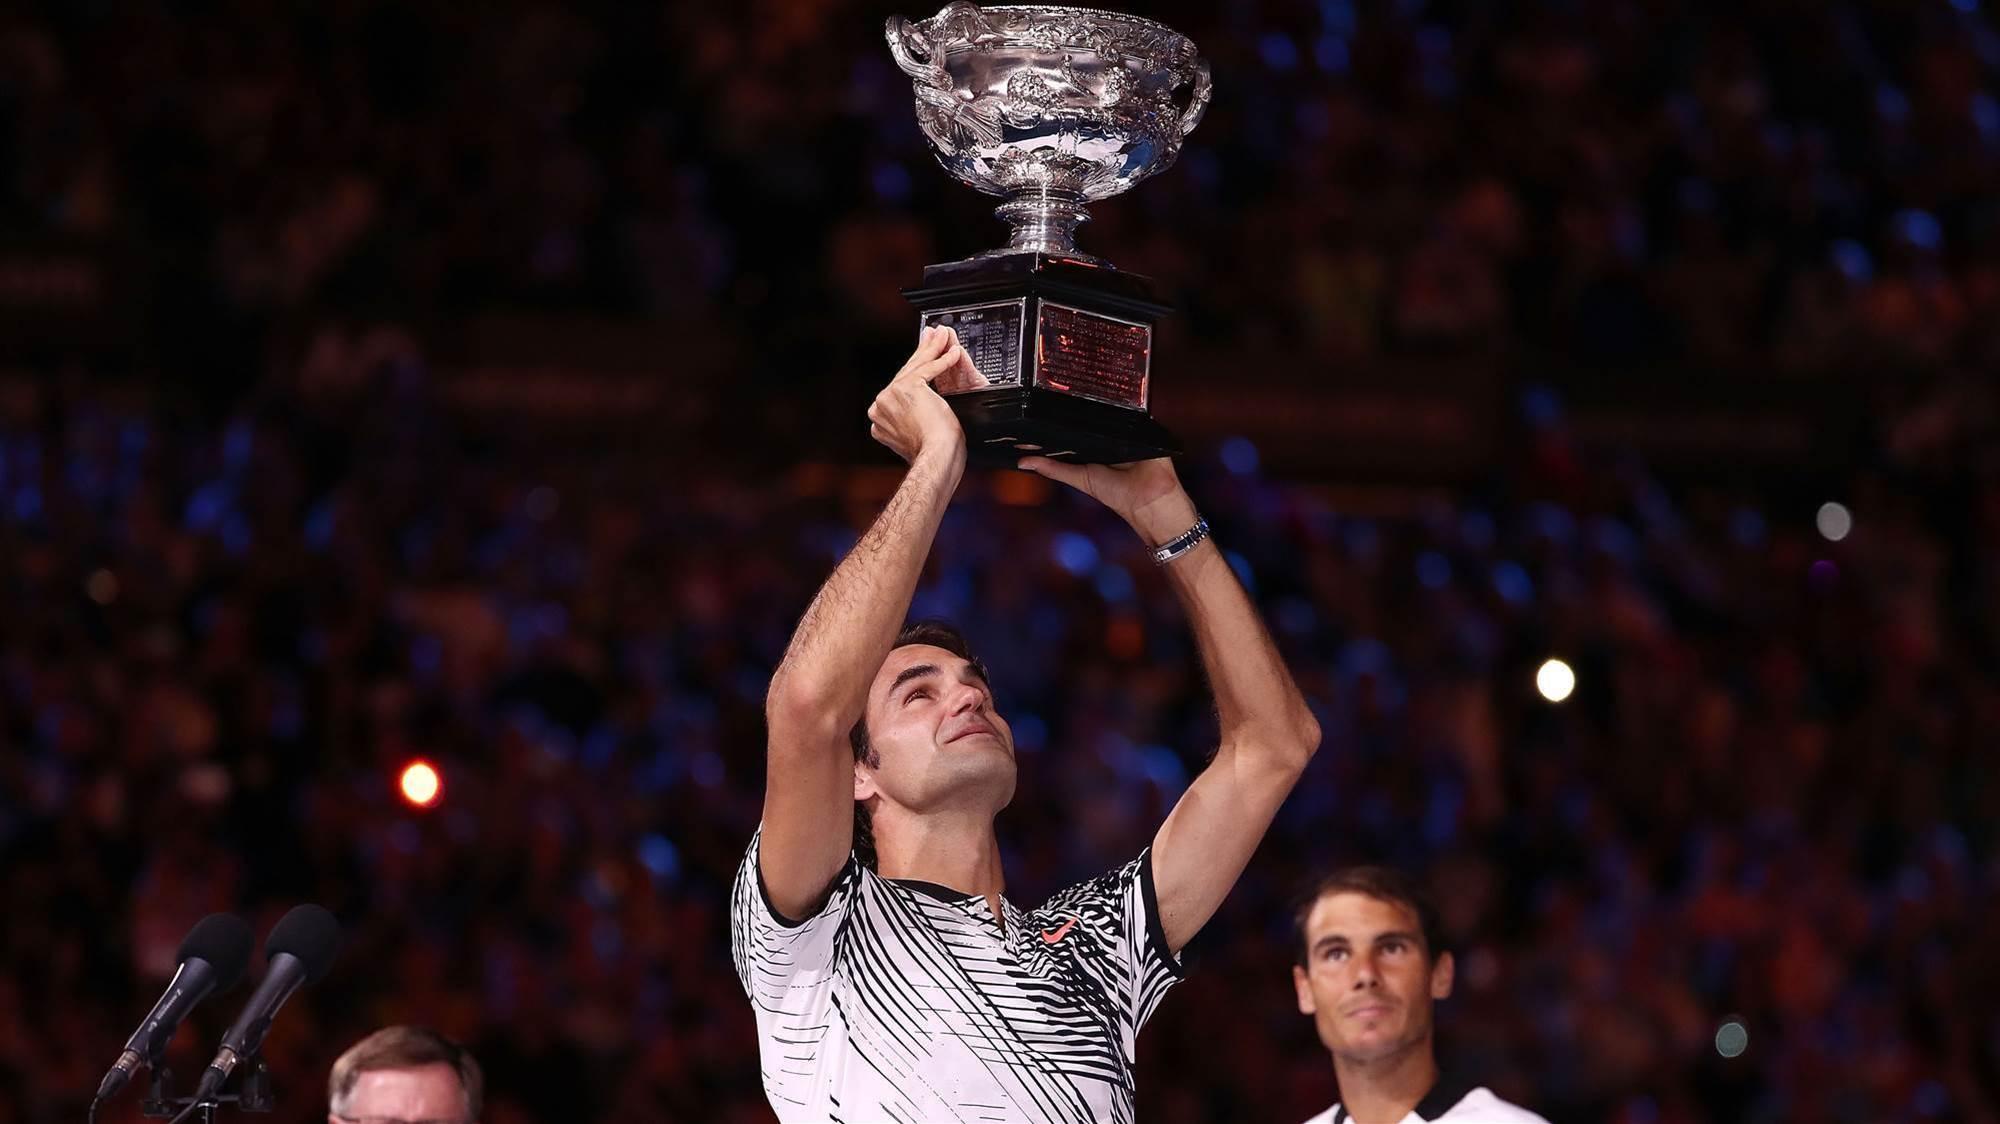 Federer may not return